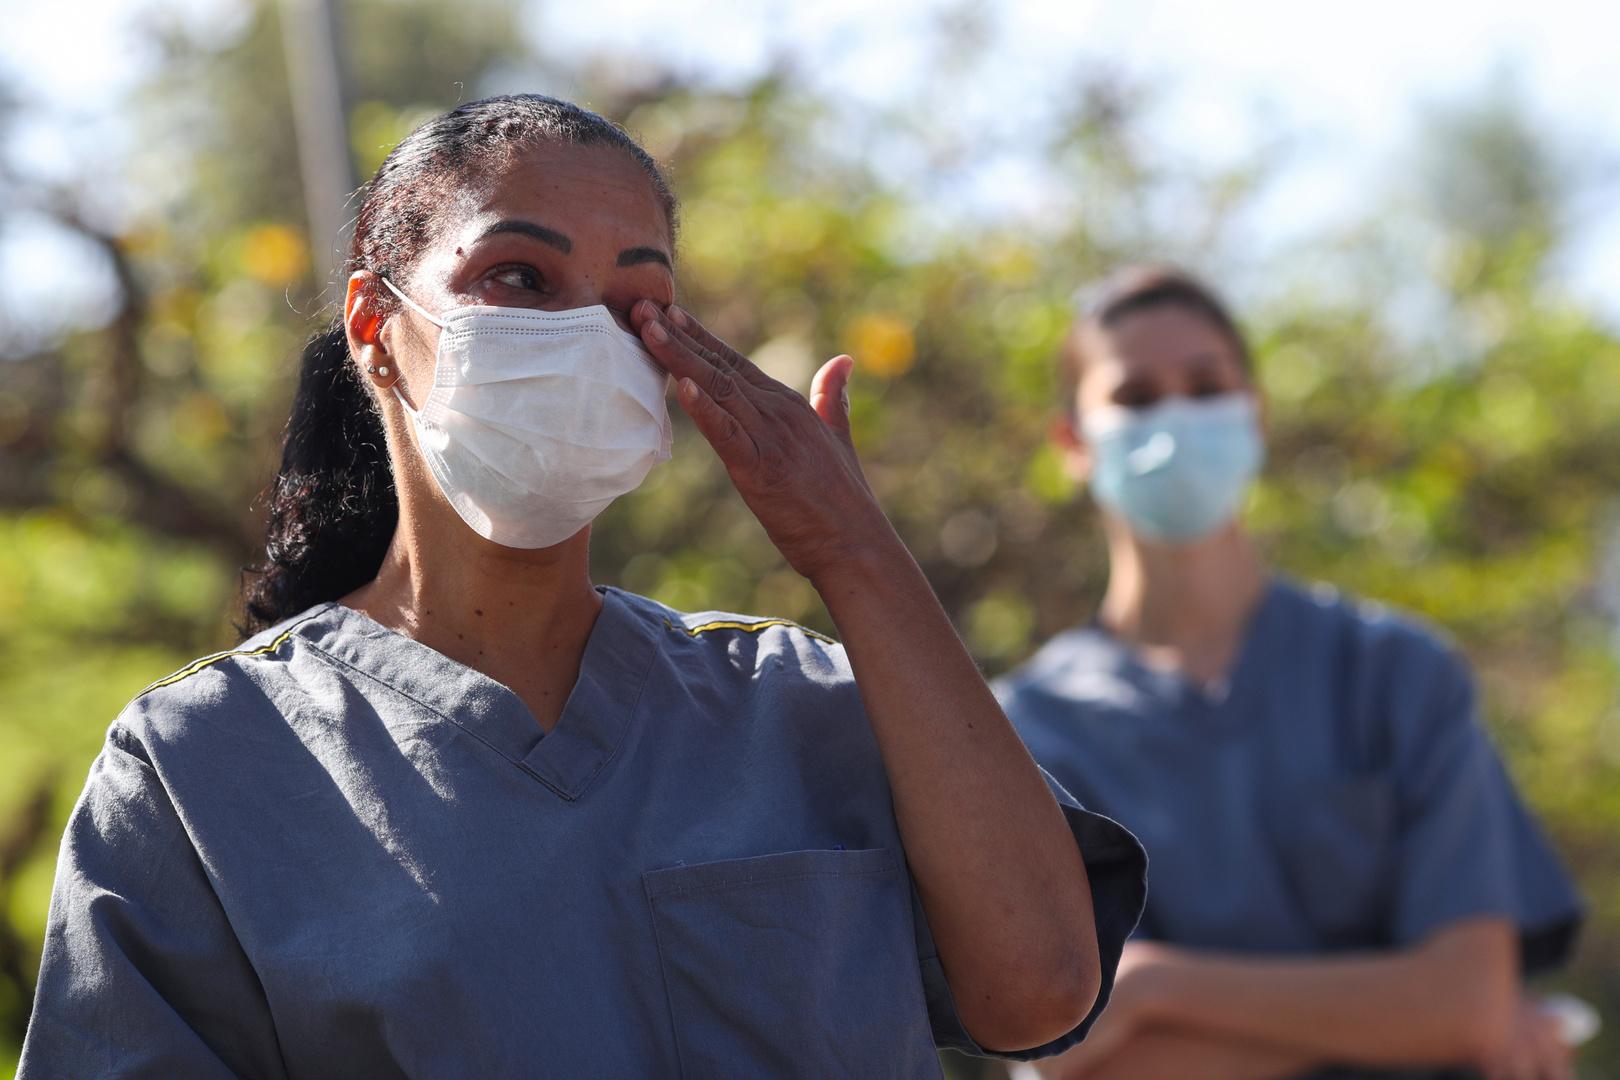 كورونا يحصد أرواح أكثر من 813 ألف شخص حول العالم والإصابات تتجاوز 23 مليونا